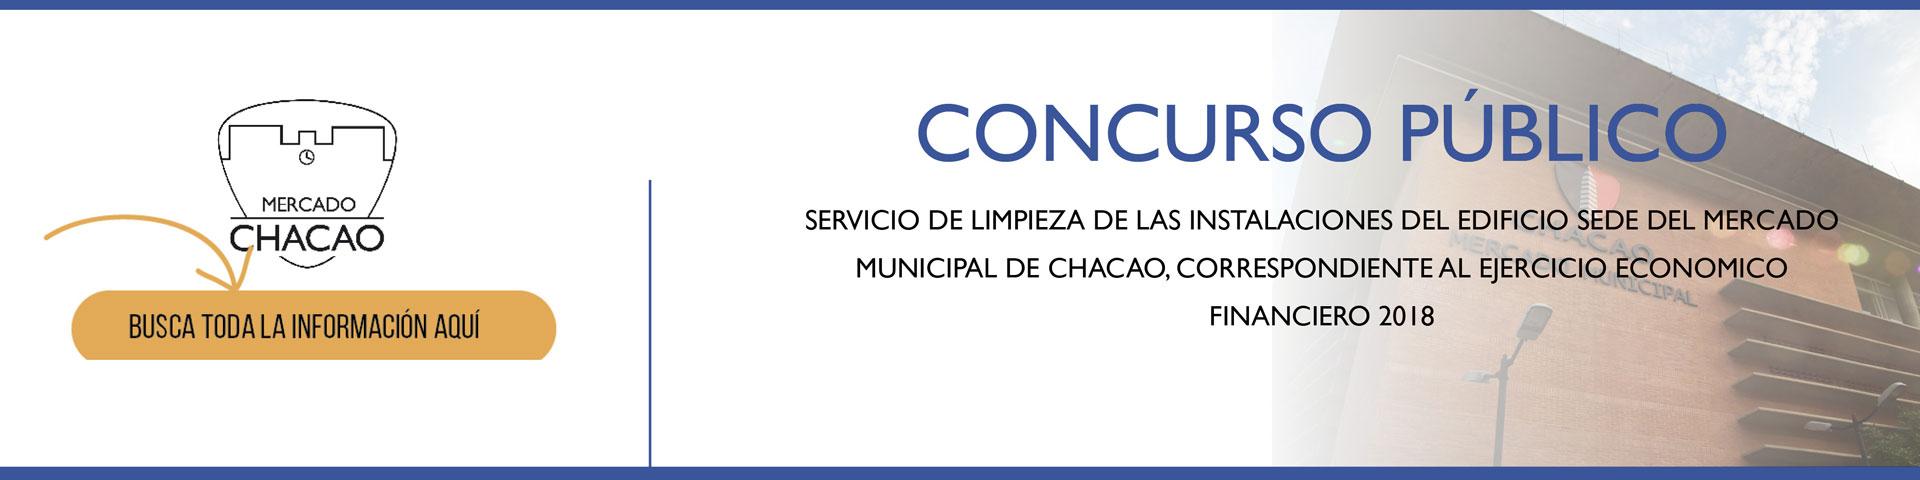 CONCURSO ABIERTO: IAMMCH-CCP-CA- 2018 -003